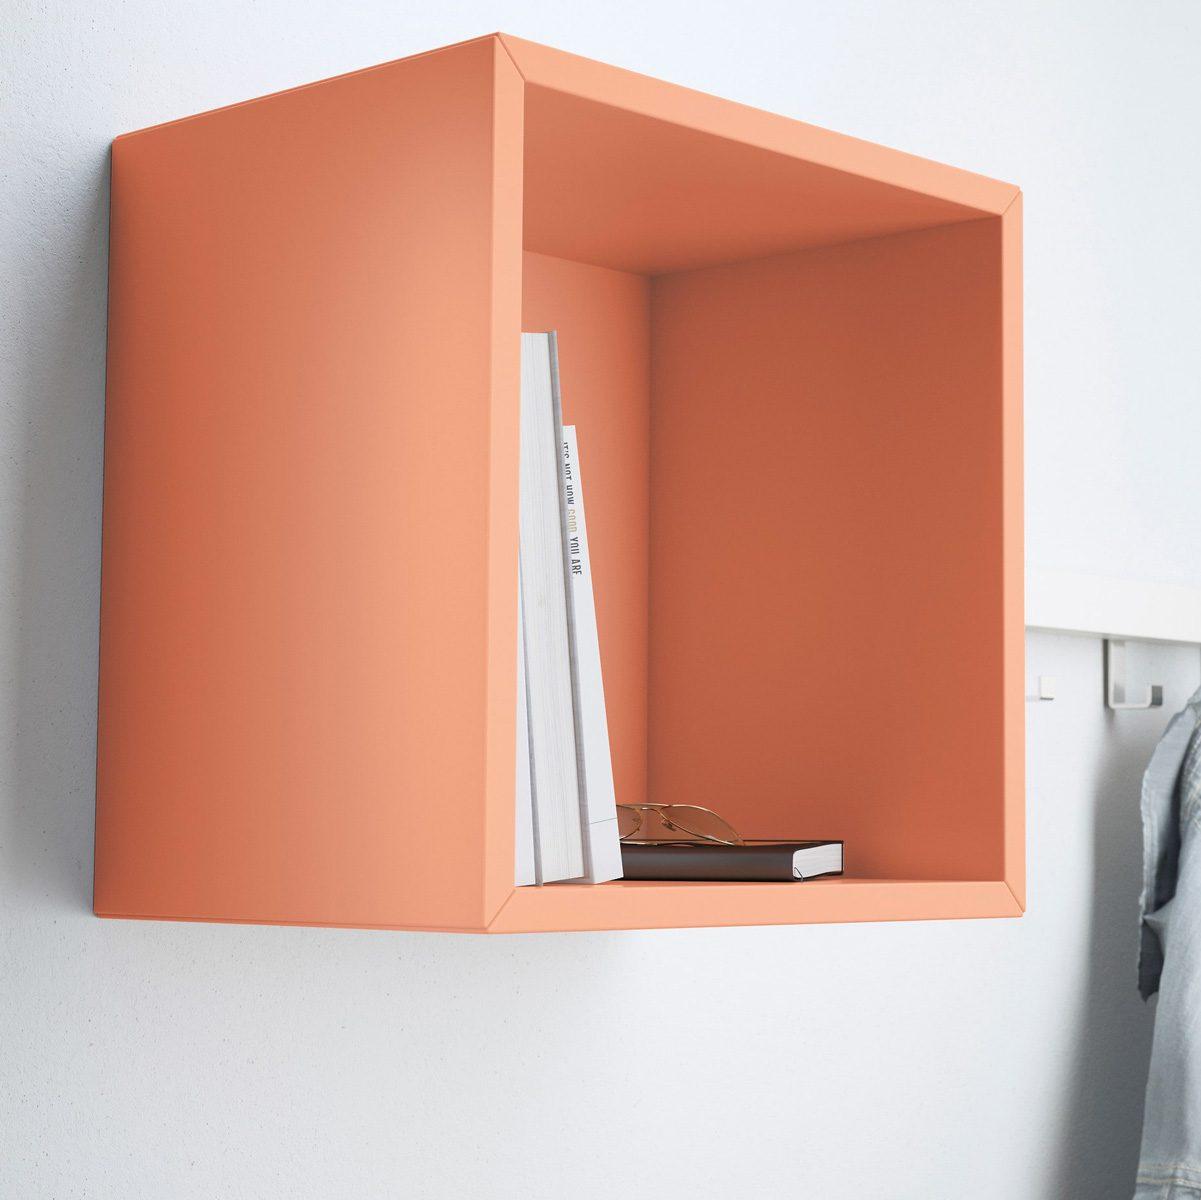 IKEA-shelf-box